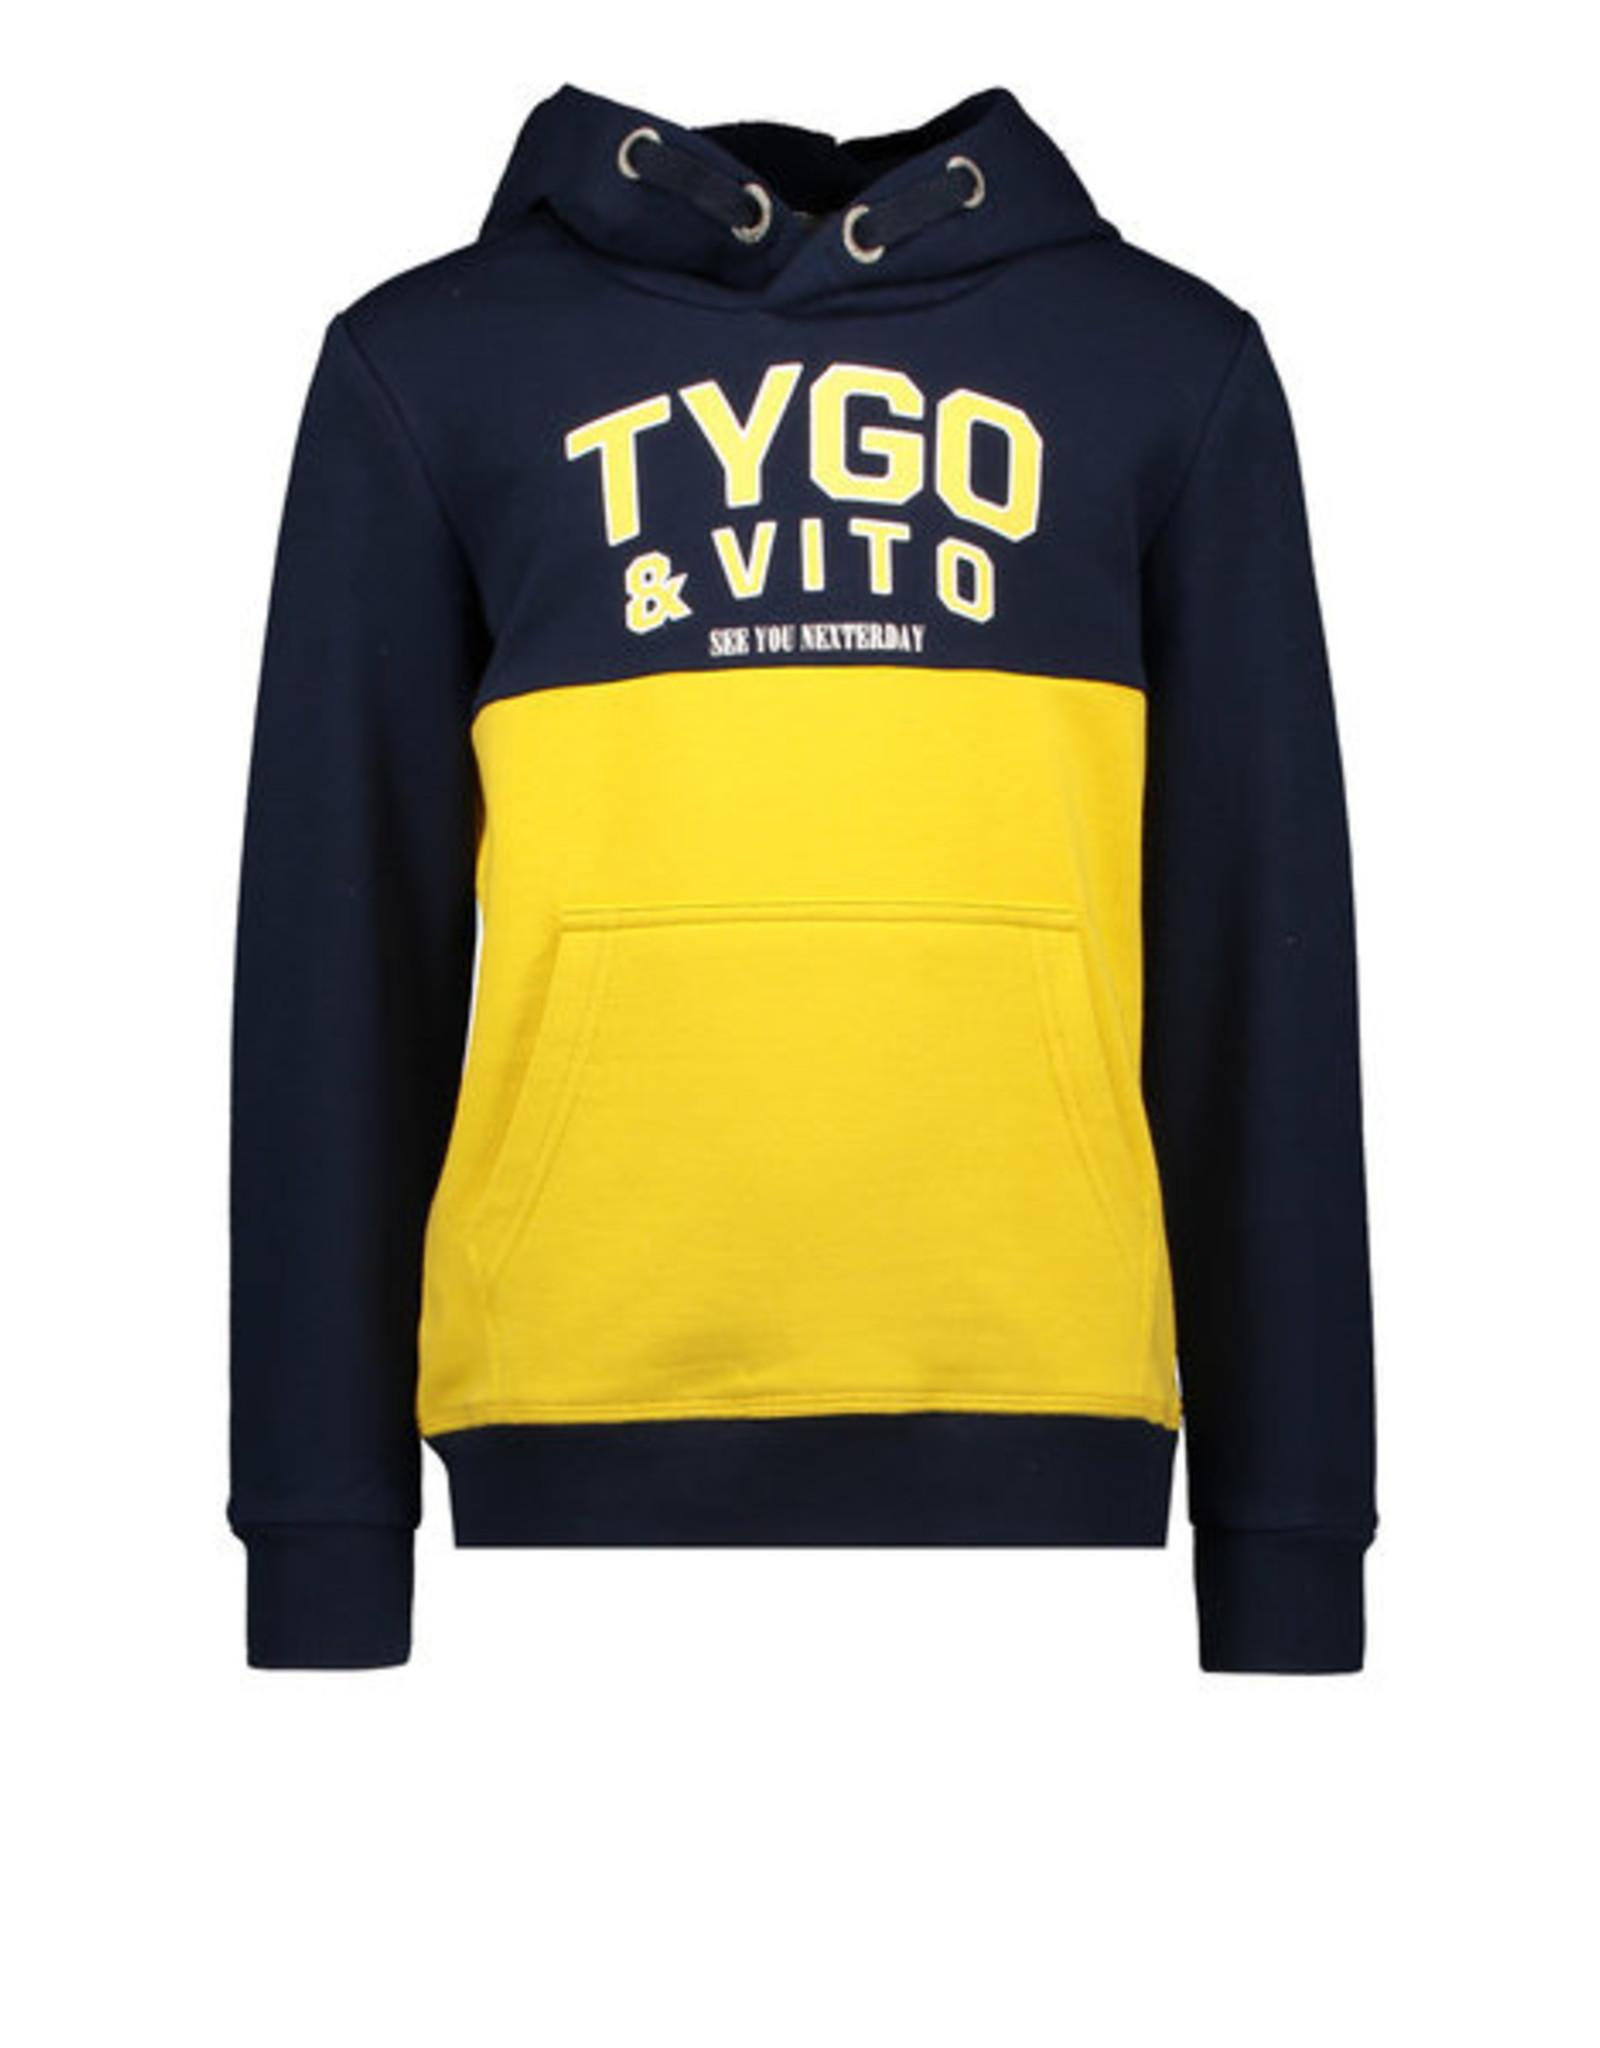 Tygo&Vito Tygo&Vito sweater 6329 navy